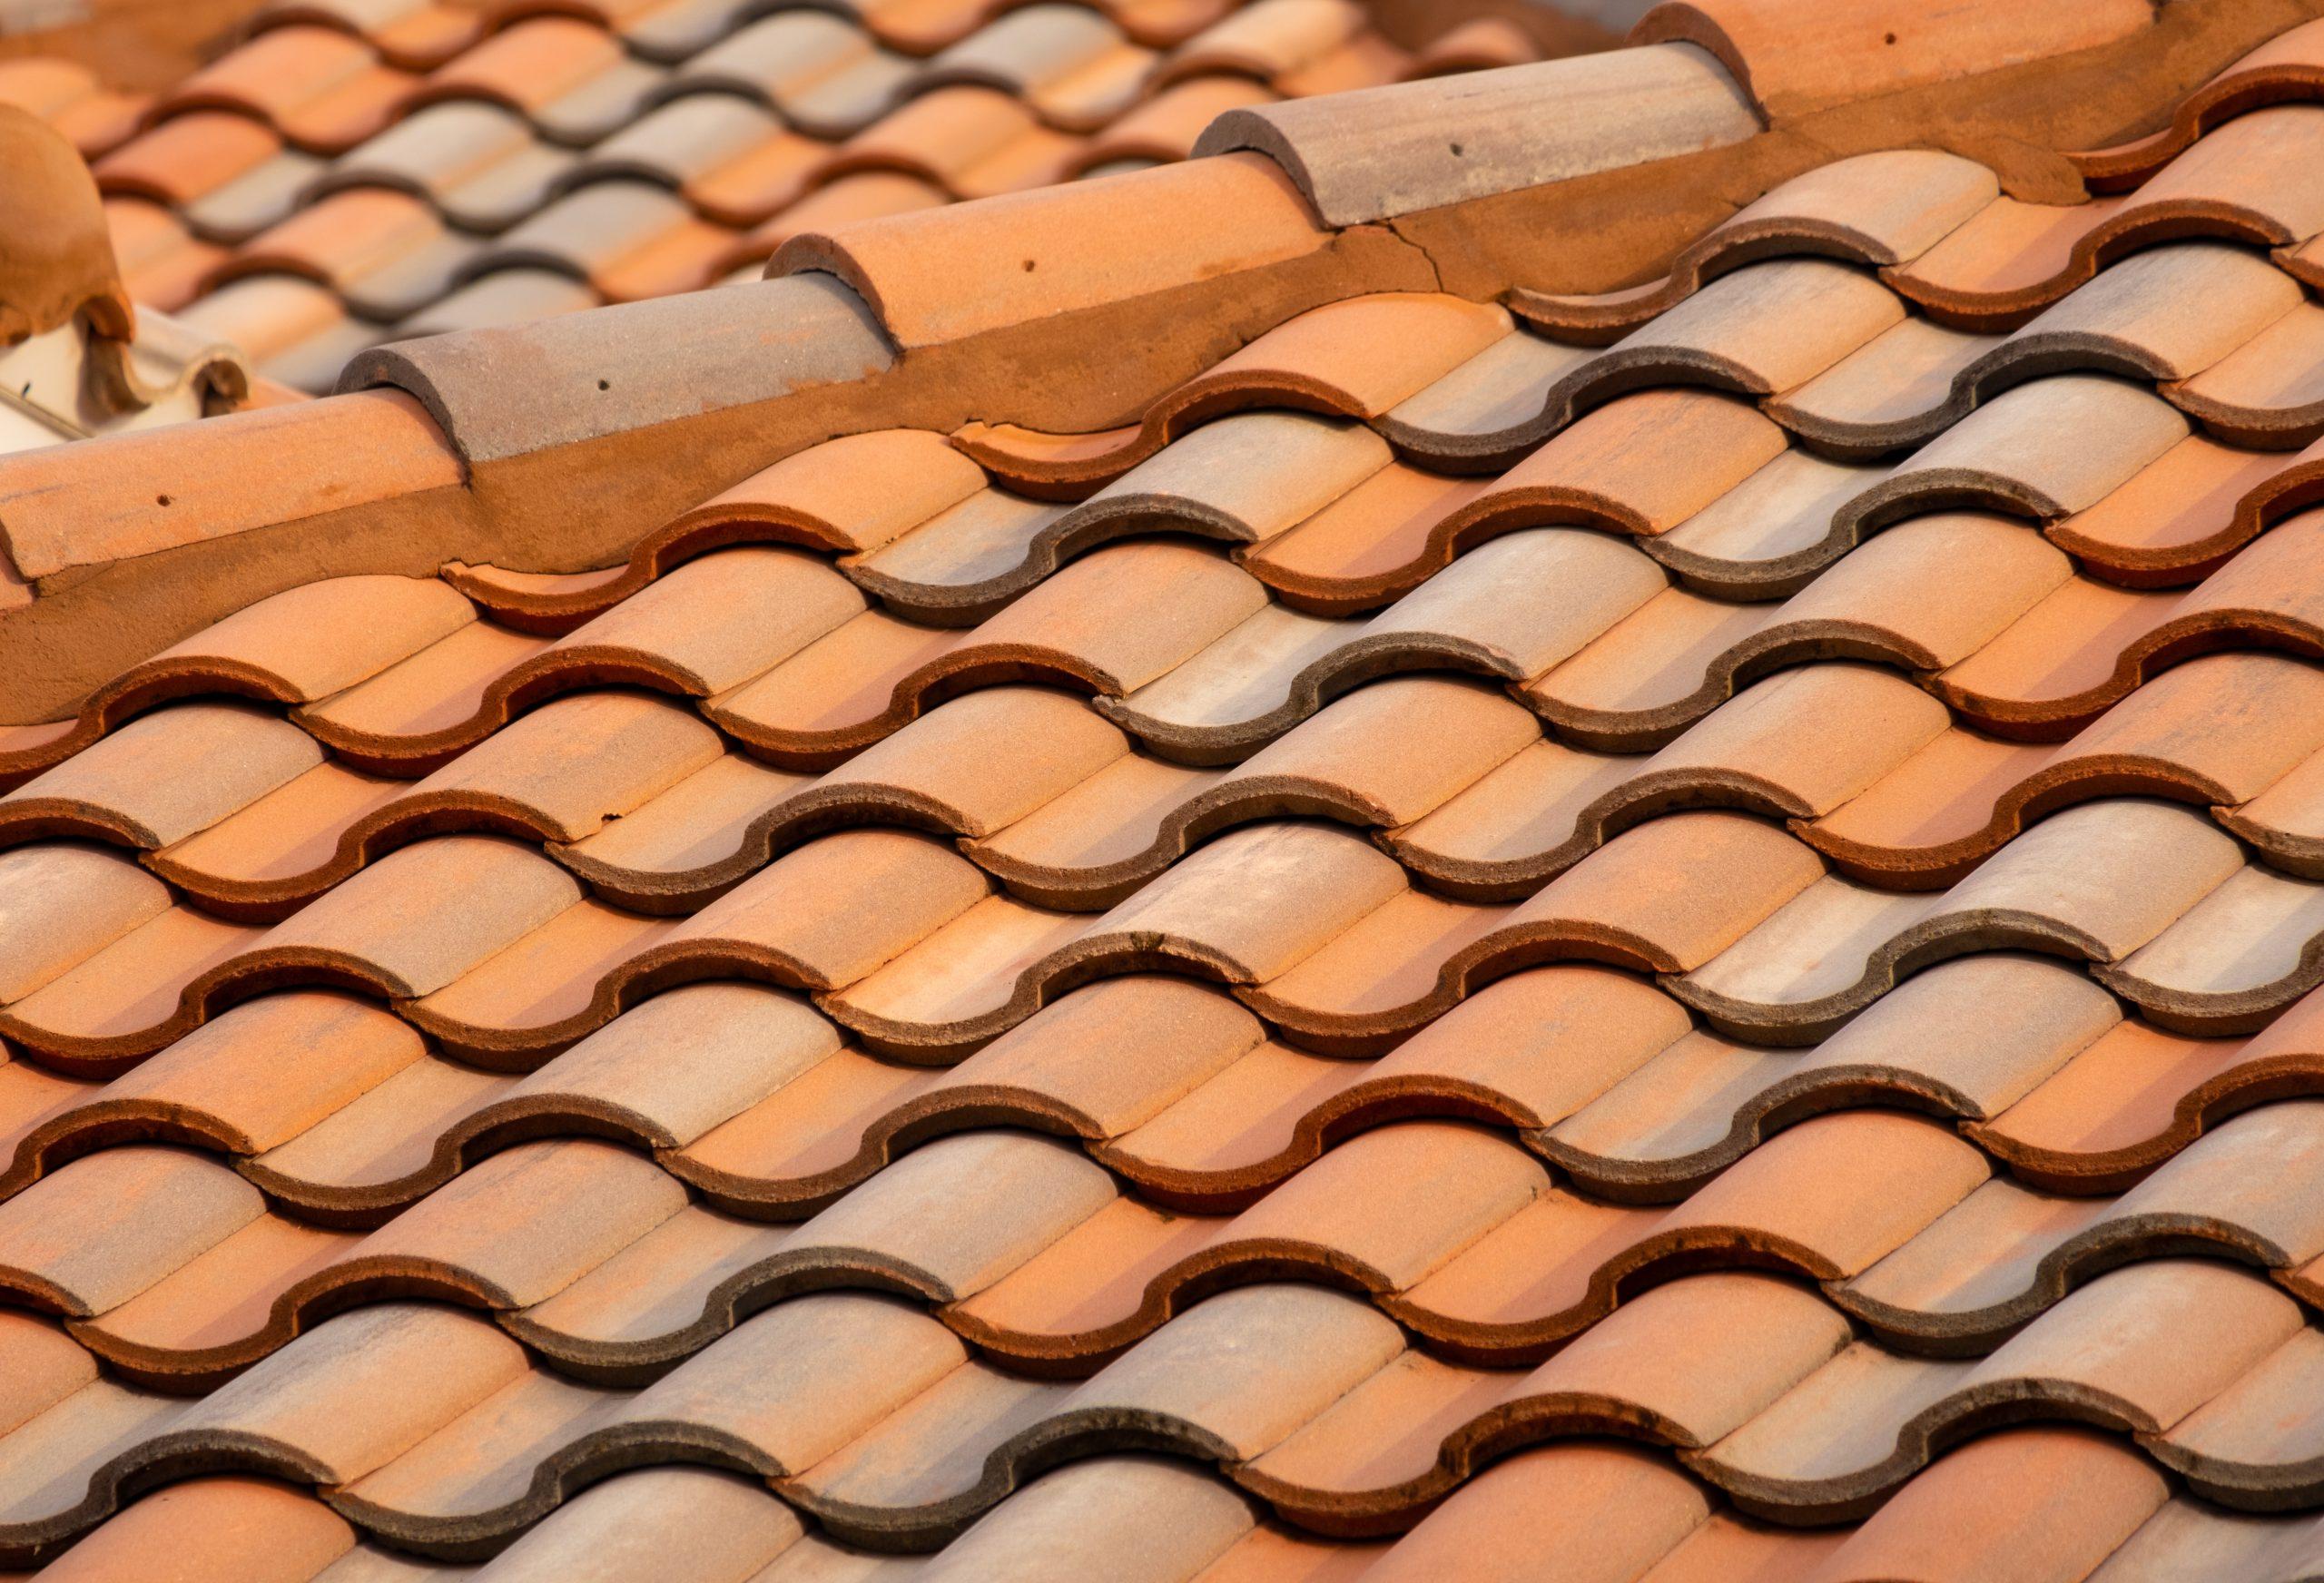 About de faitage d'un toit